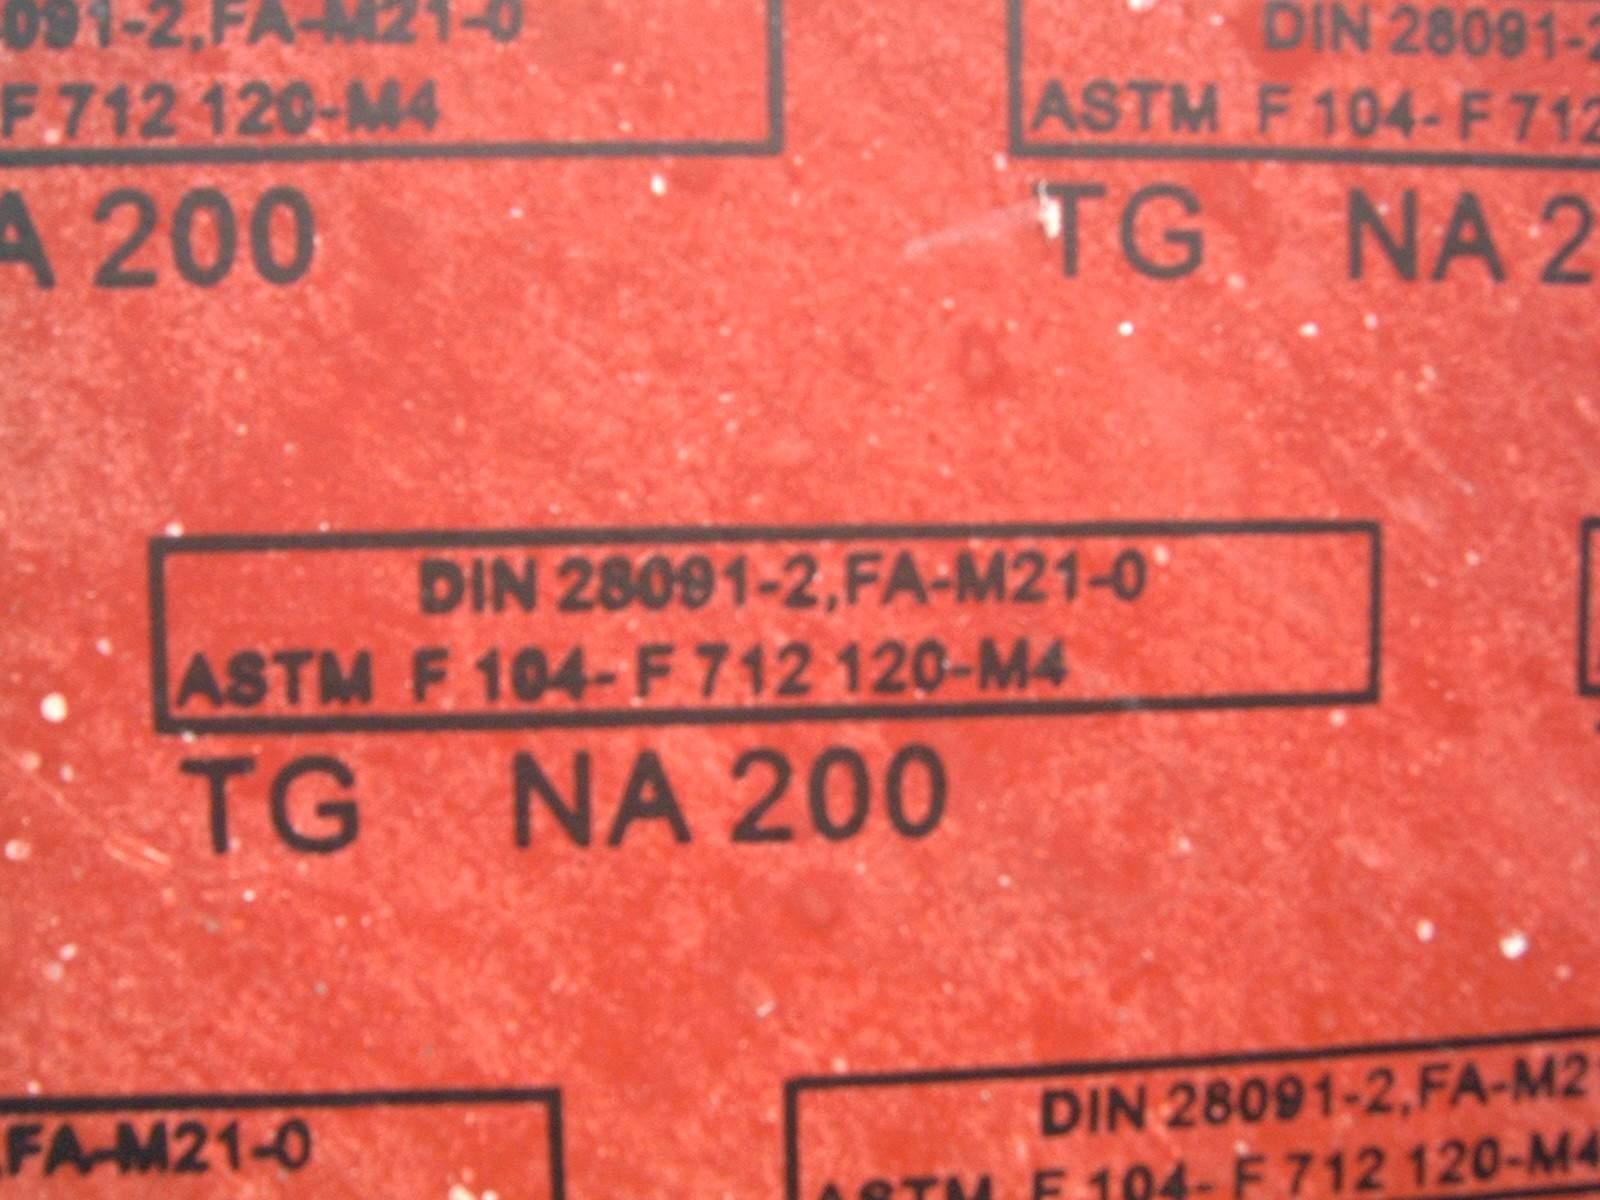 TG_NA_200